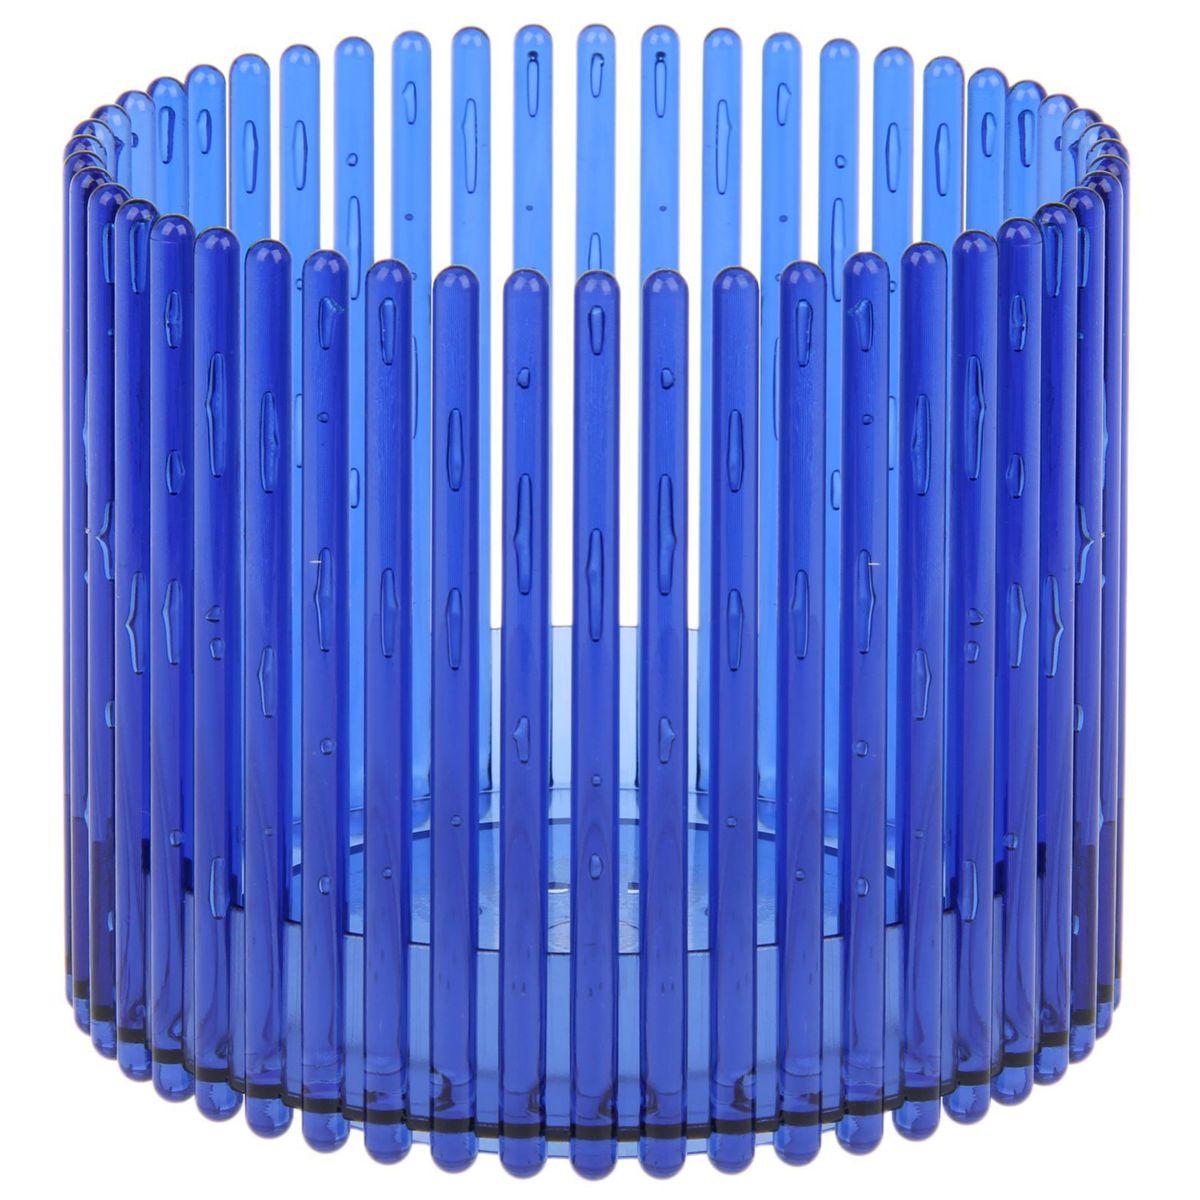 Кашпо JetPlast Шарм, цвет: синий, 14 x 12 см531-102Кашпо Шарм изготовлено из поликарбоната. Изделие имеет уникальную конструкцию: бортик в нижней части кашпо дает возможность создания у корней орхидеи благоприятную влажность, а сквозная конструкция стенок кашпо дает возможность беспрепятственному проникновению света на корни растения и их вентиляцию. Стильный яркий дизайн сделает такое кашпо отличным дополнением интерьера.